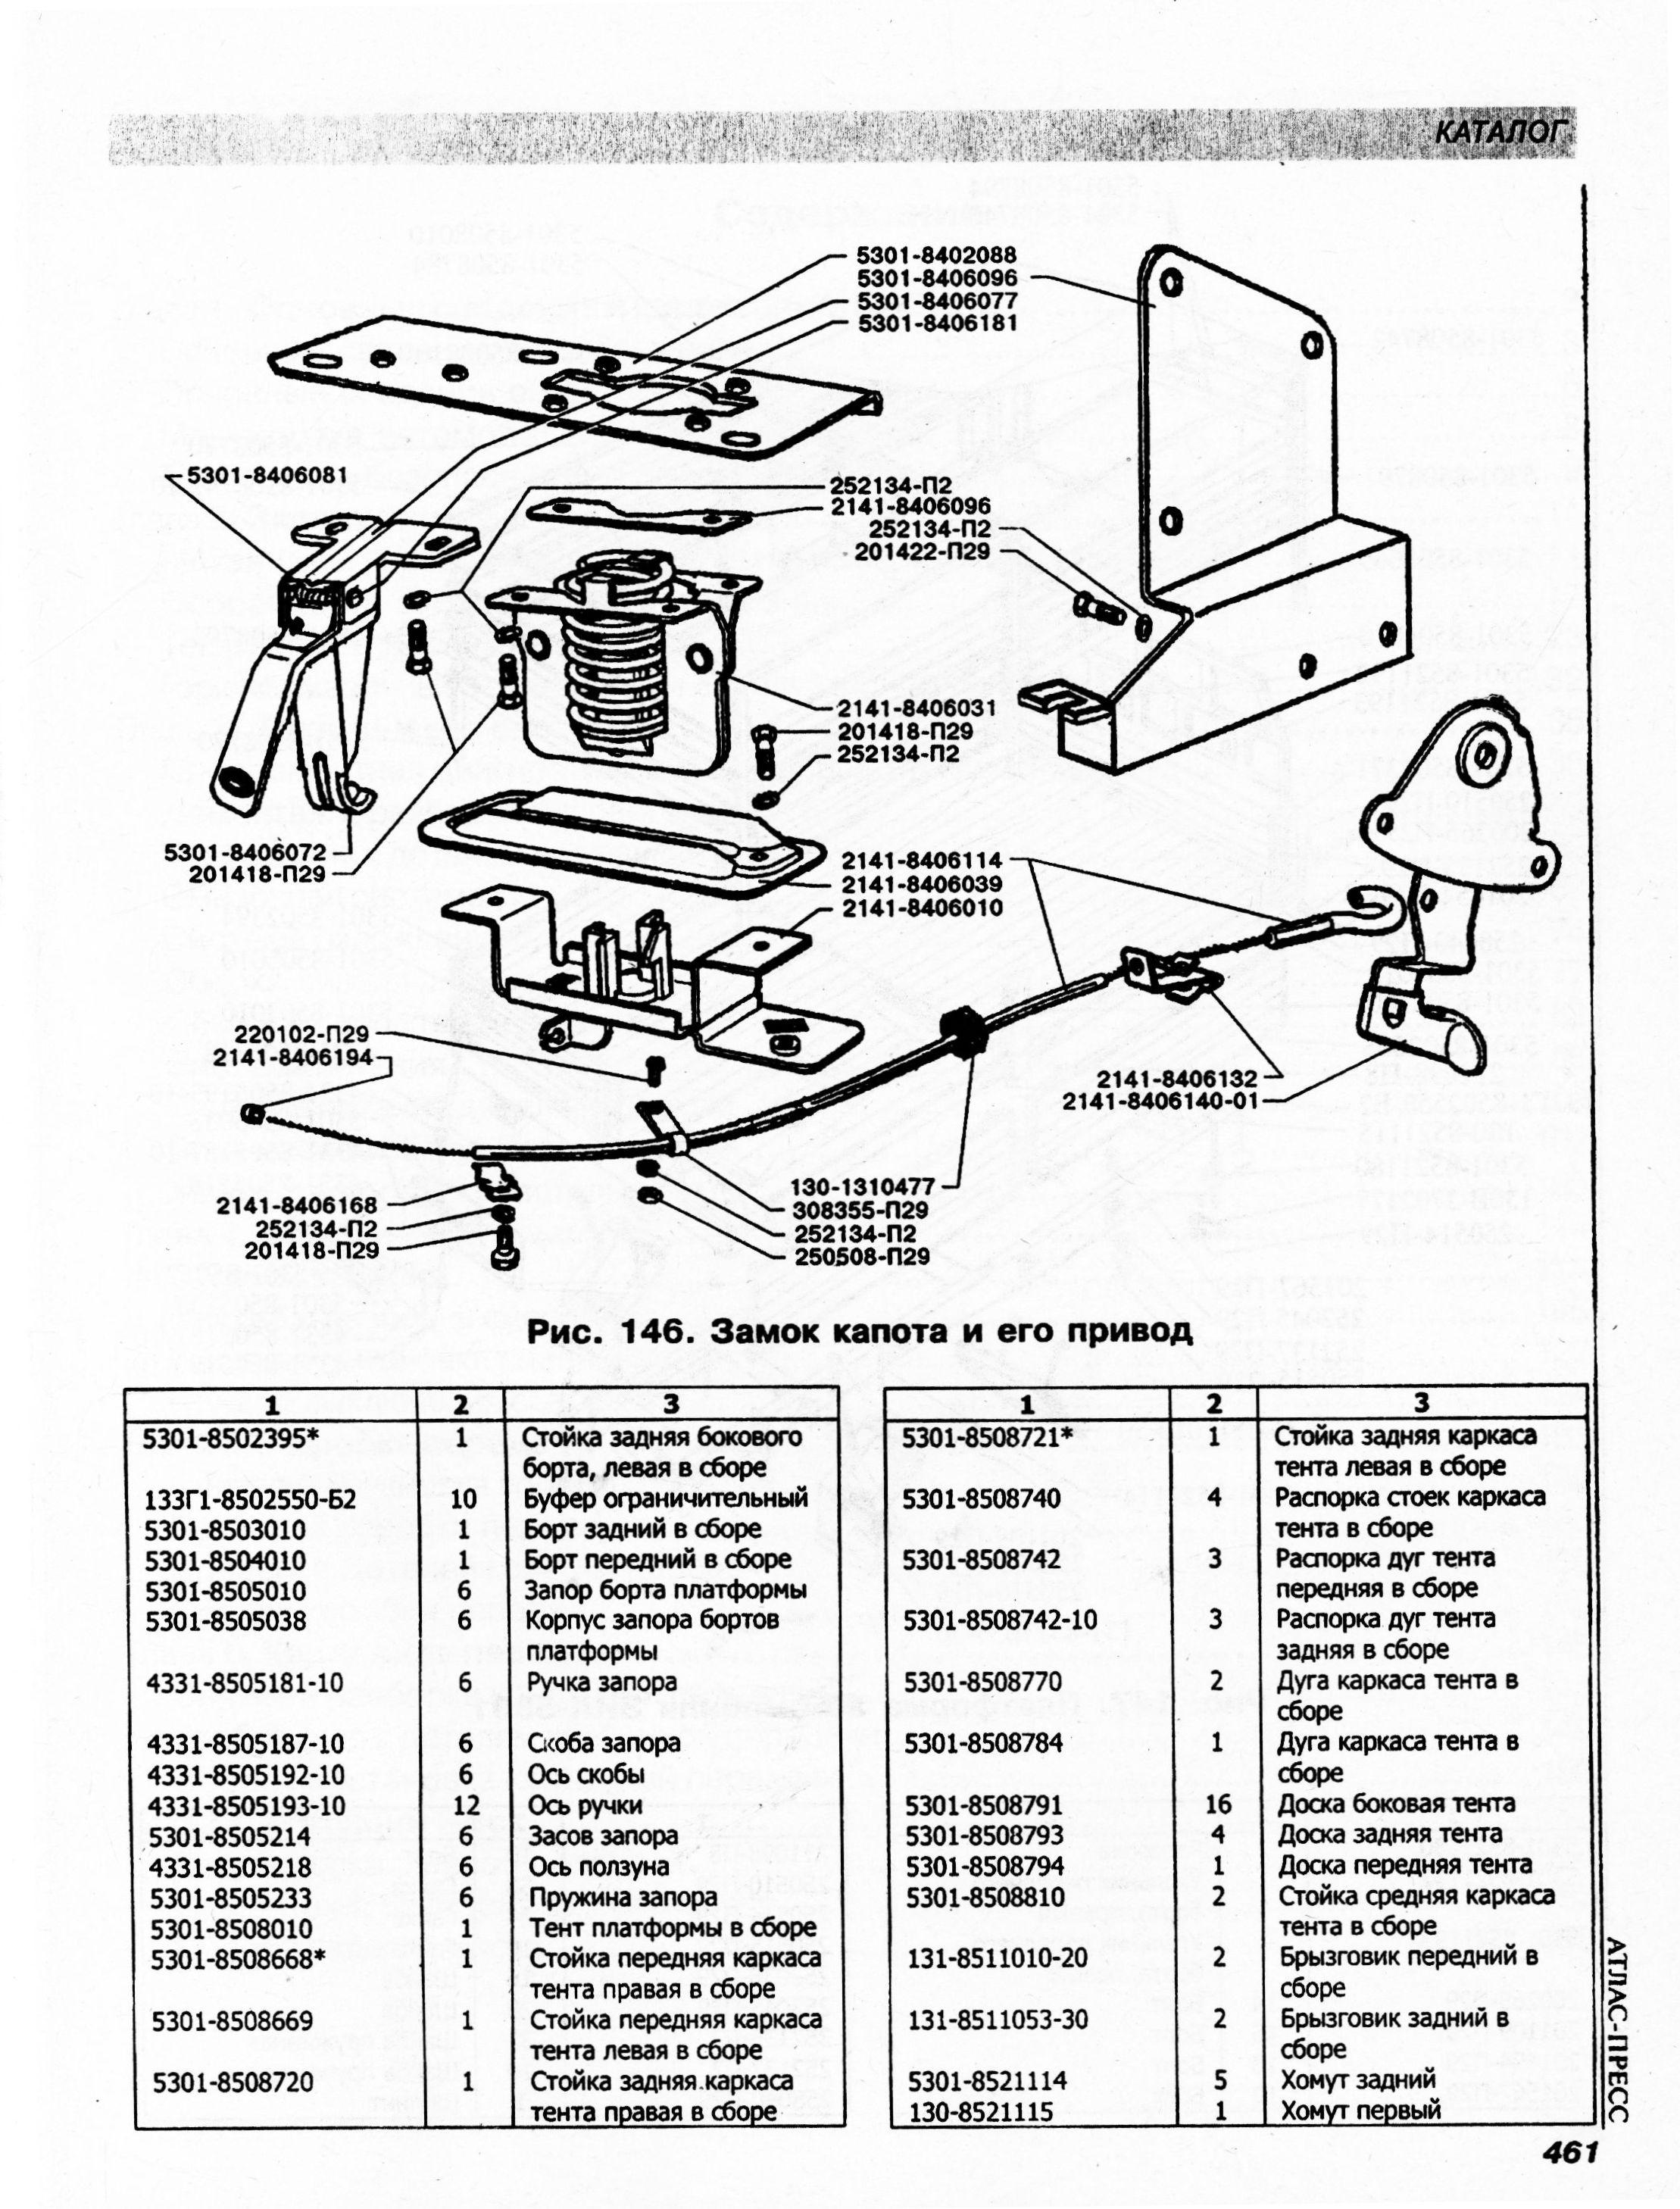 руководство по ремонту зил 5301 бычок